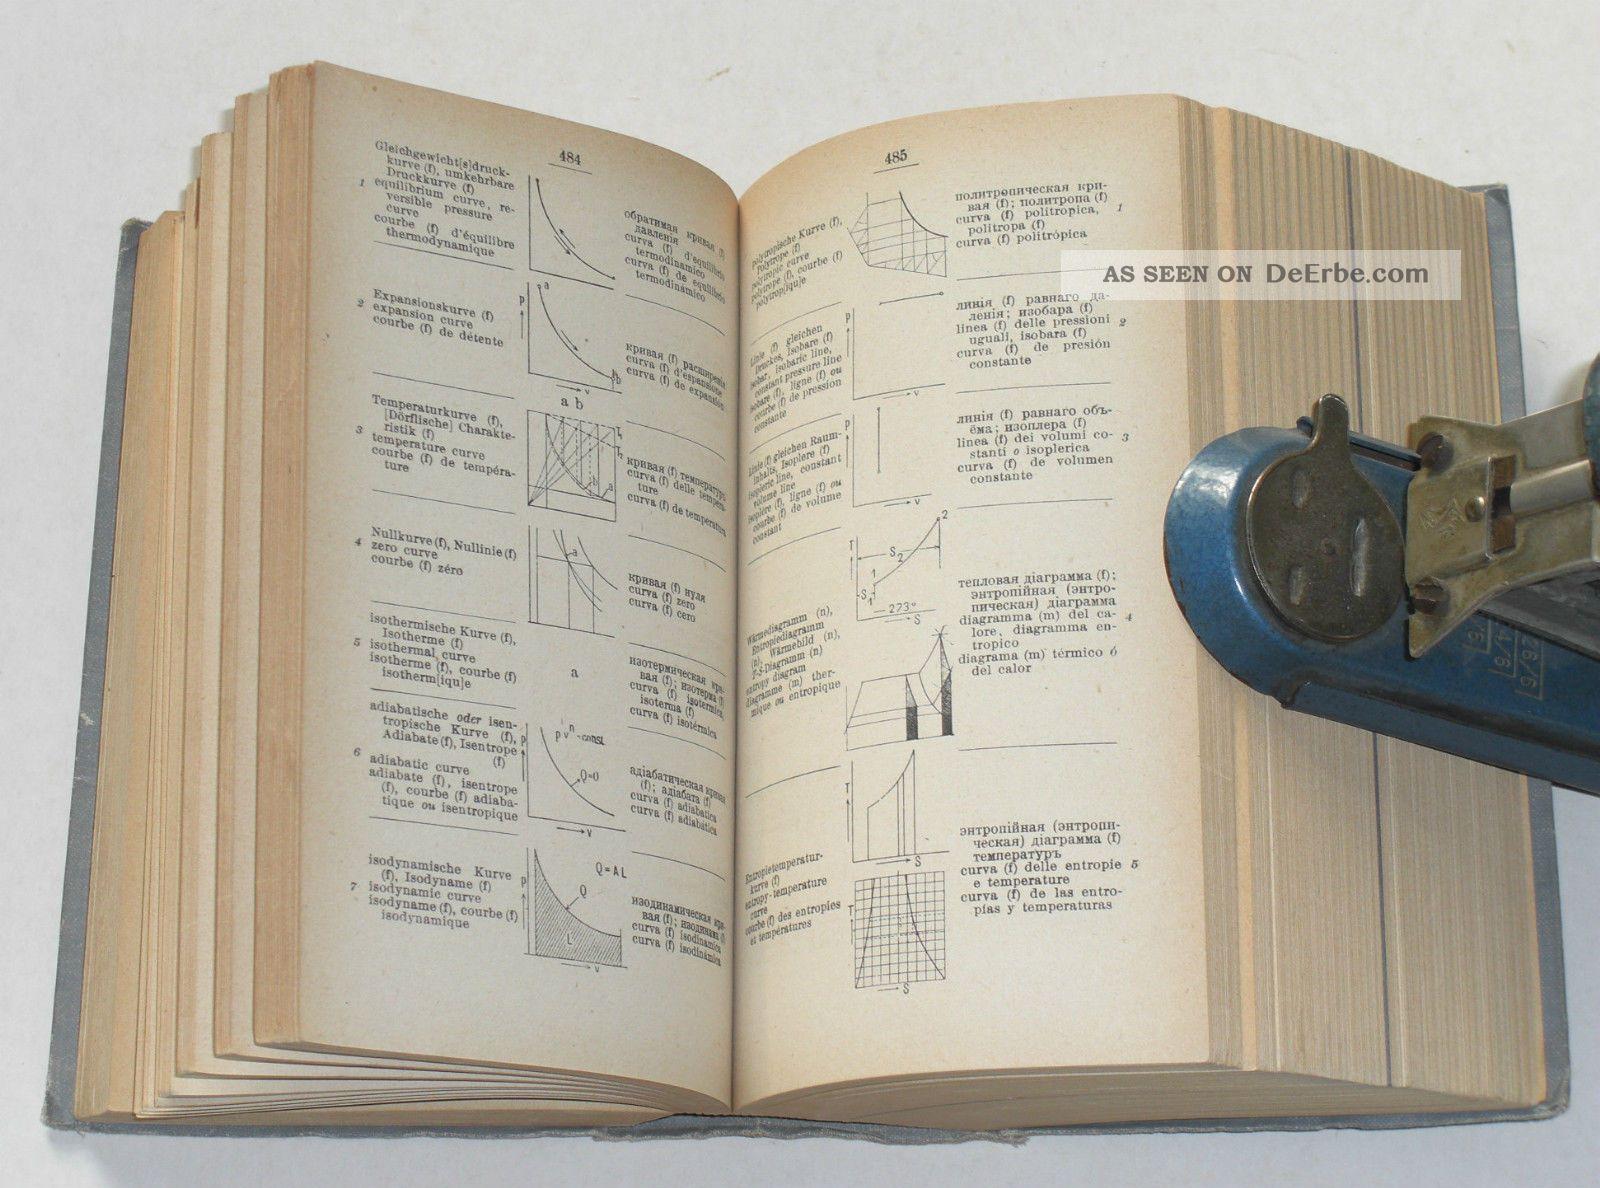 Berühmt Dampfkessel Diagramm Bilder - Elektrische Schaltplan-Ideen ...